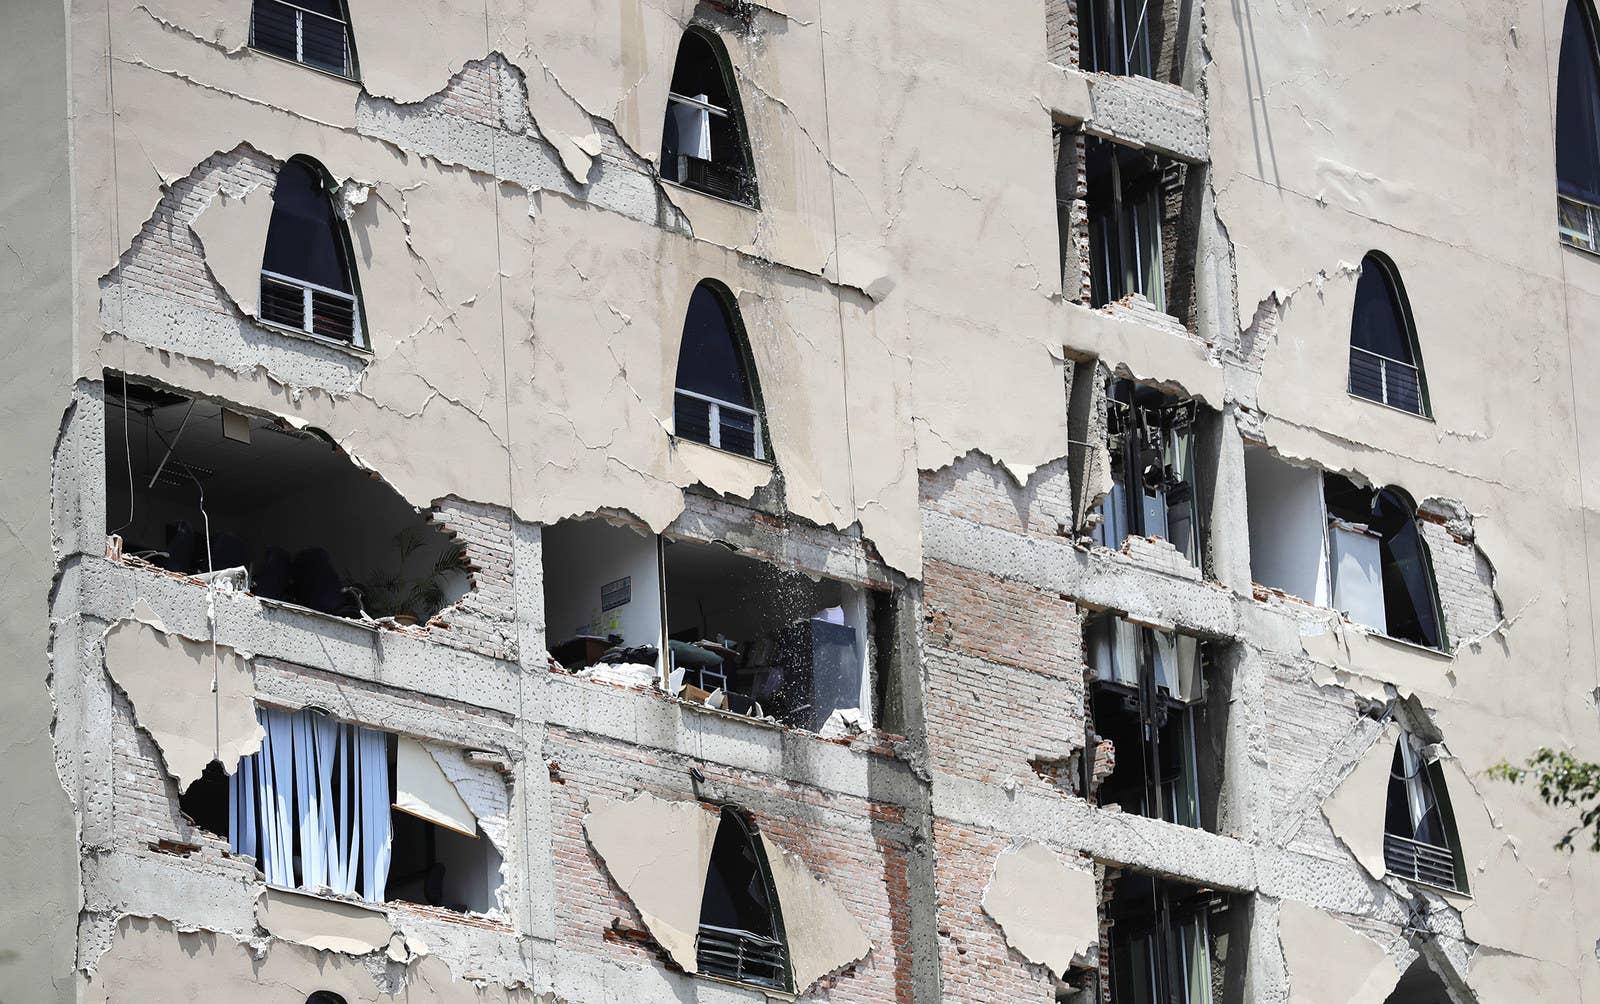 Restos de un edificio dañado permanecen en pie luego del terremoto.